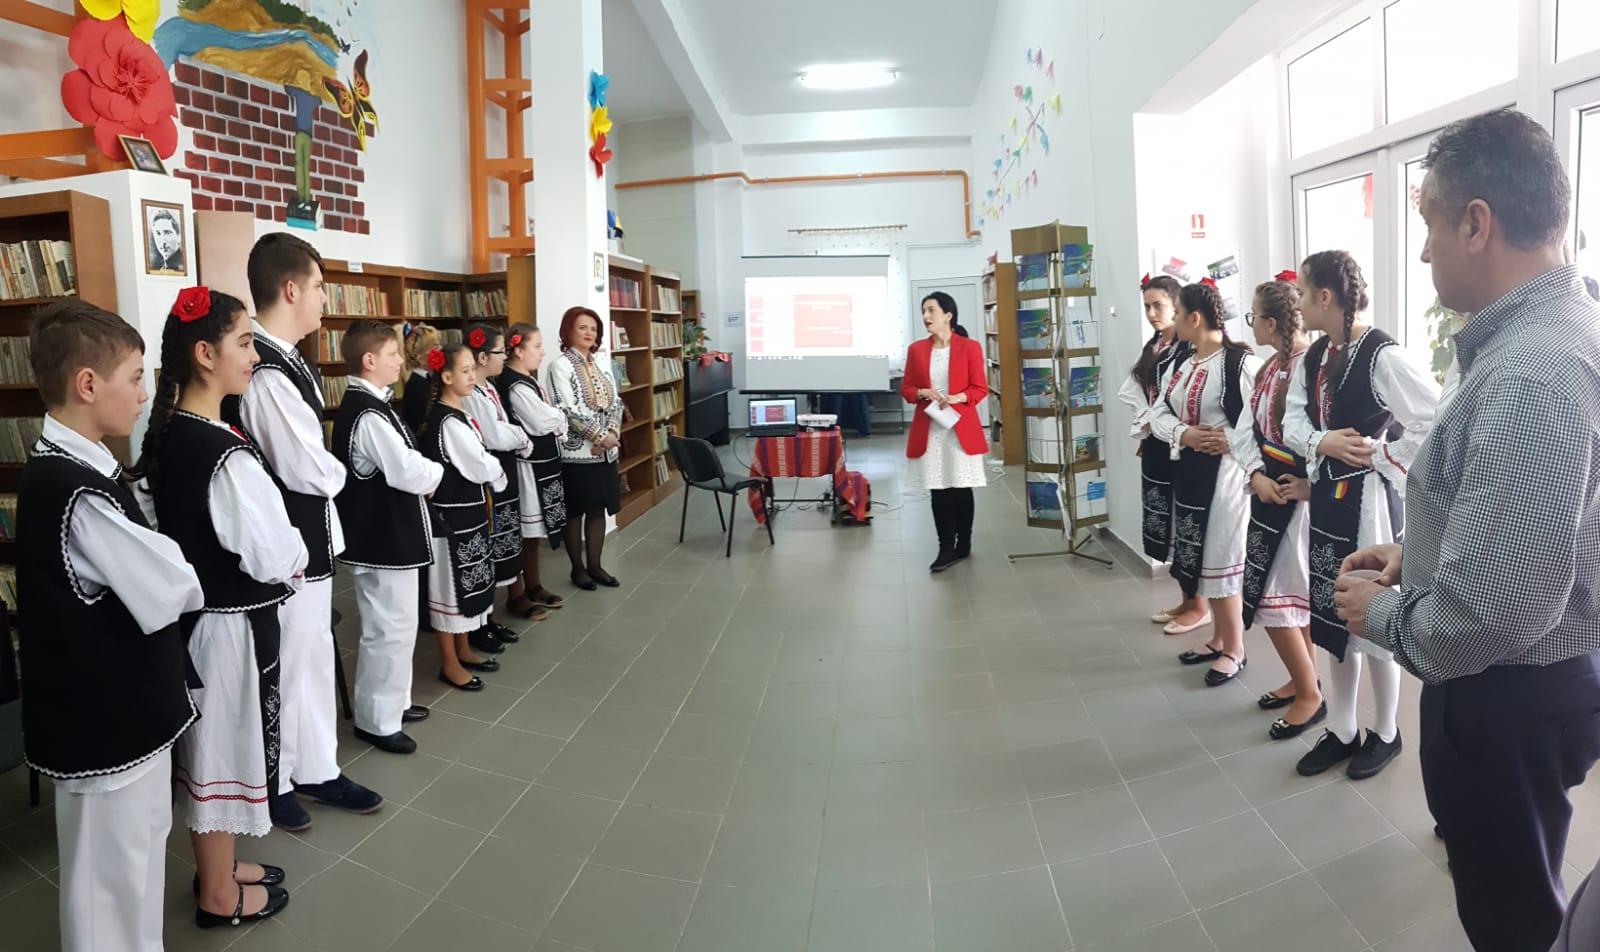 Deputatul Claudia Gilia susţine   proiectele de promovare  a tradiţiilor şi  obiceiurilor în comunităţile locale  dâmboviţrene : Dragobetele şi Mărţişorul